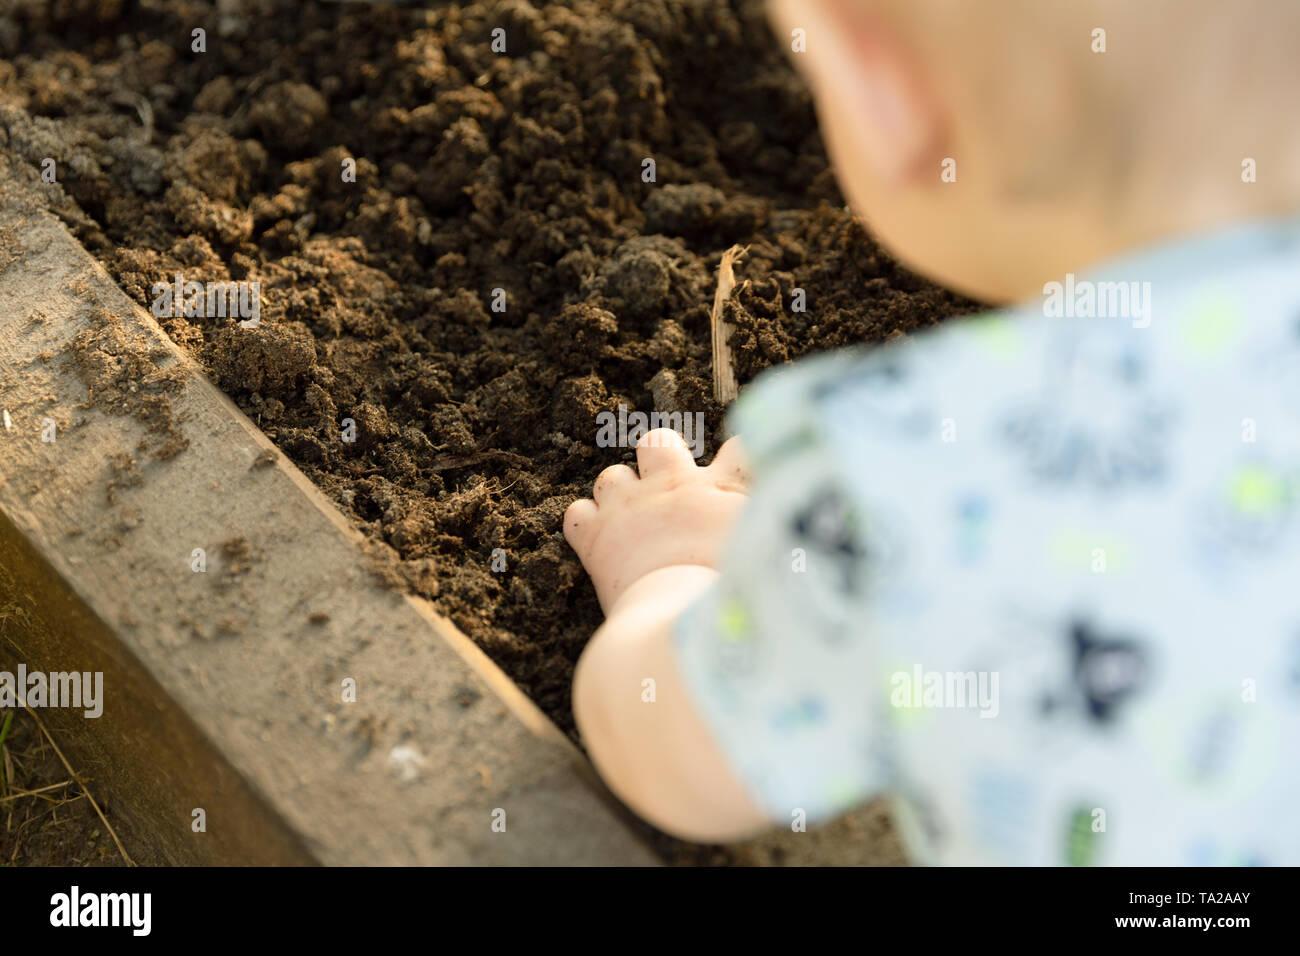 Niño sembrando plántulas de tomate en invernadero. La Jardinería orgánica y concepto de crecimiento Foto de stock